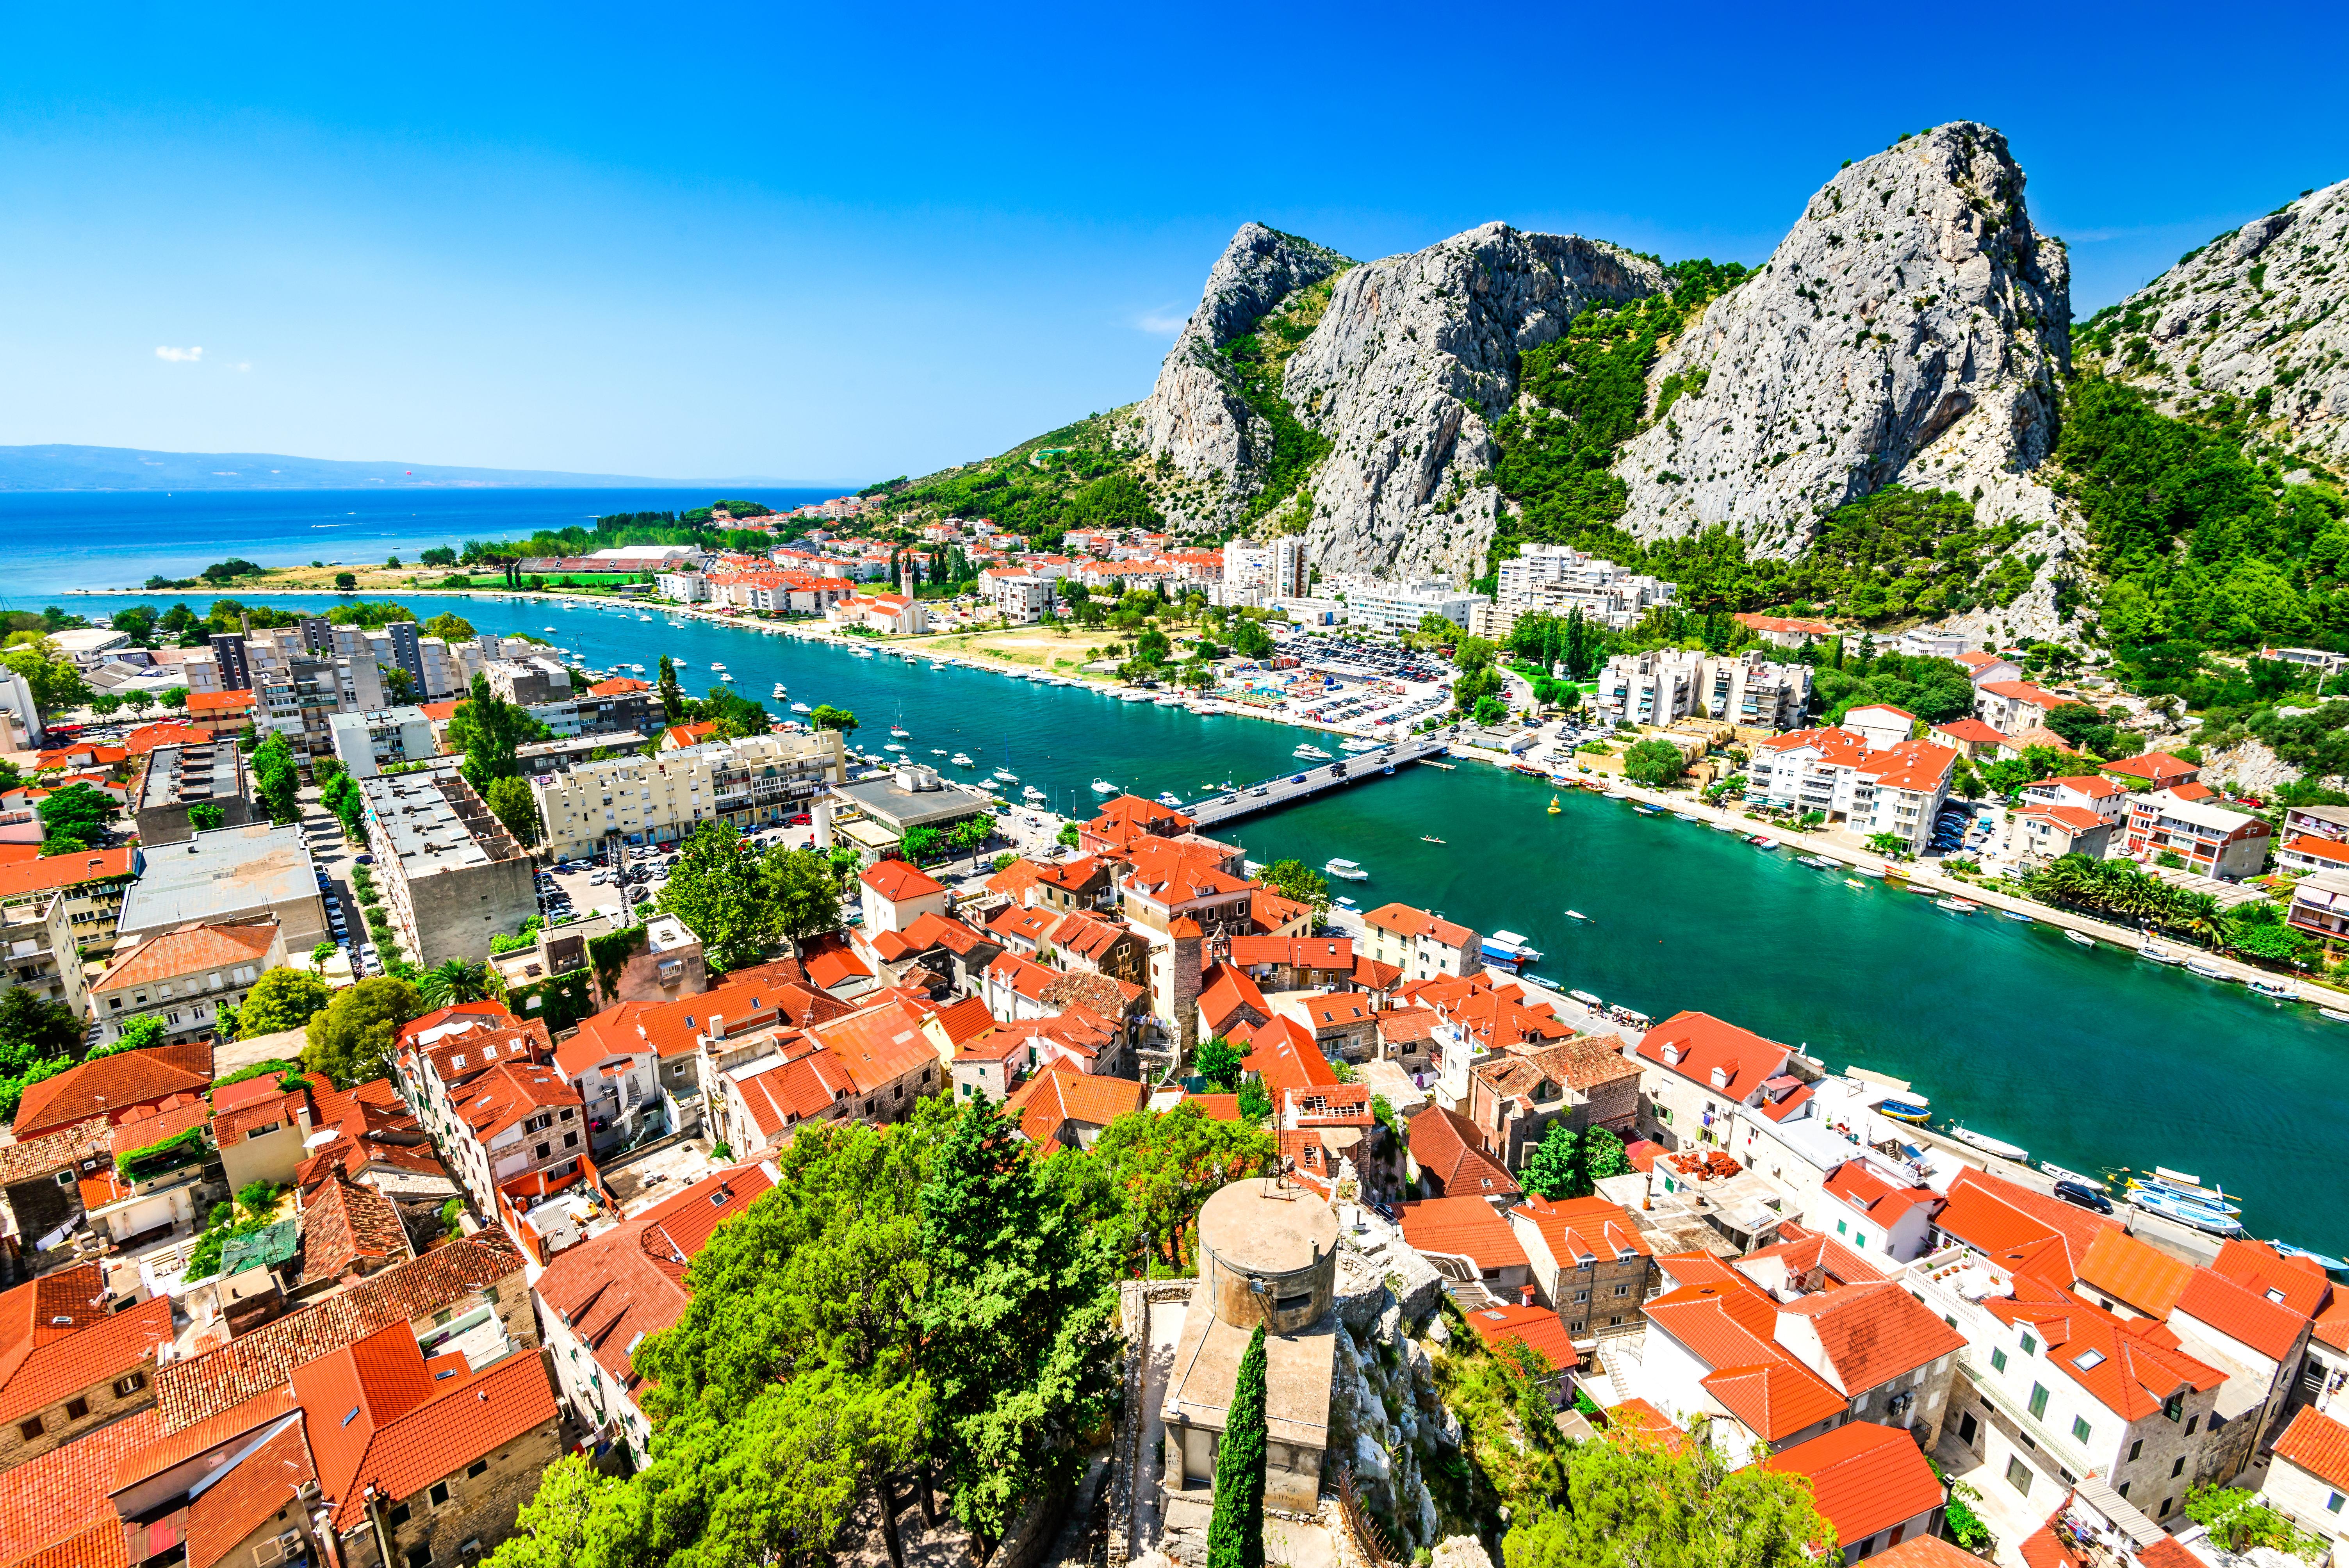 Панорама побережья Далмации в Хорватии, ВНЖ которой могут получить иностранцы